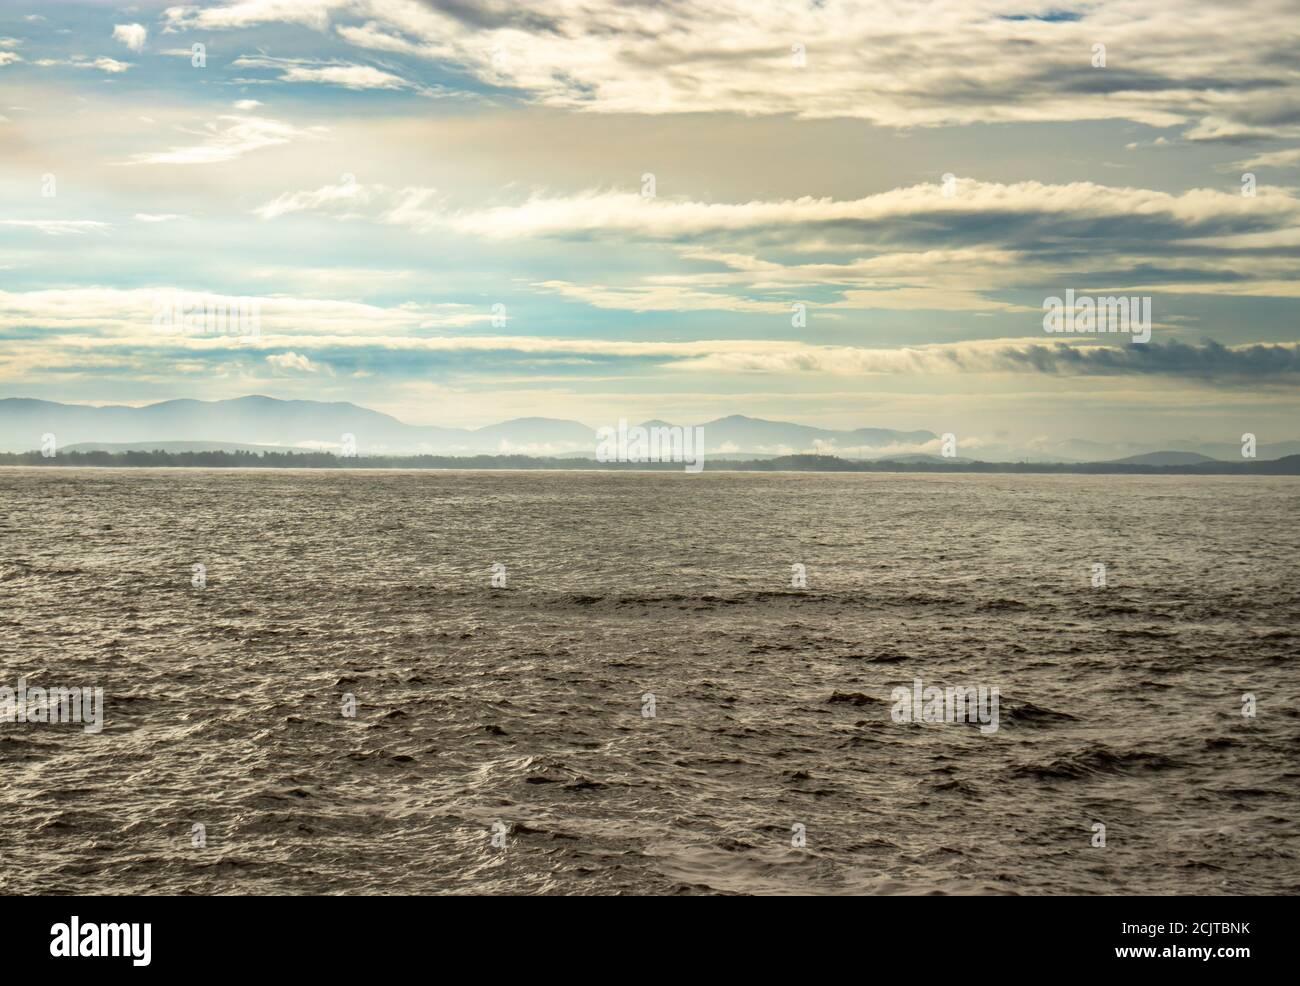 l'orizzonte del mare con il cielo stupefacente al mattino da un'immagine ad angolo piatto è preso alla spiaggia di om gokarna karnataka india. è una delle migliori spiagge di gokarna. Foto Stock